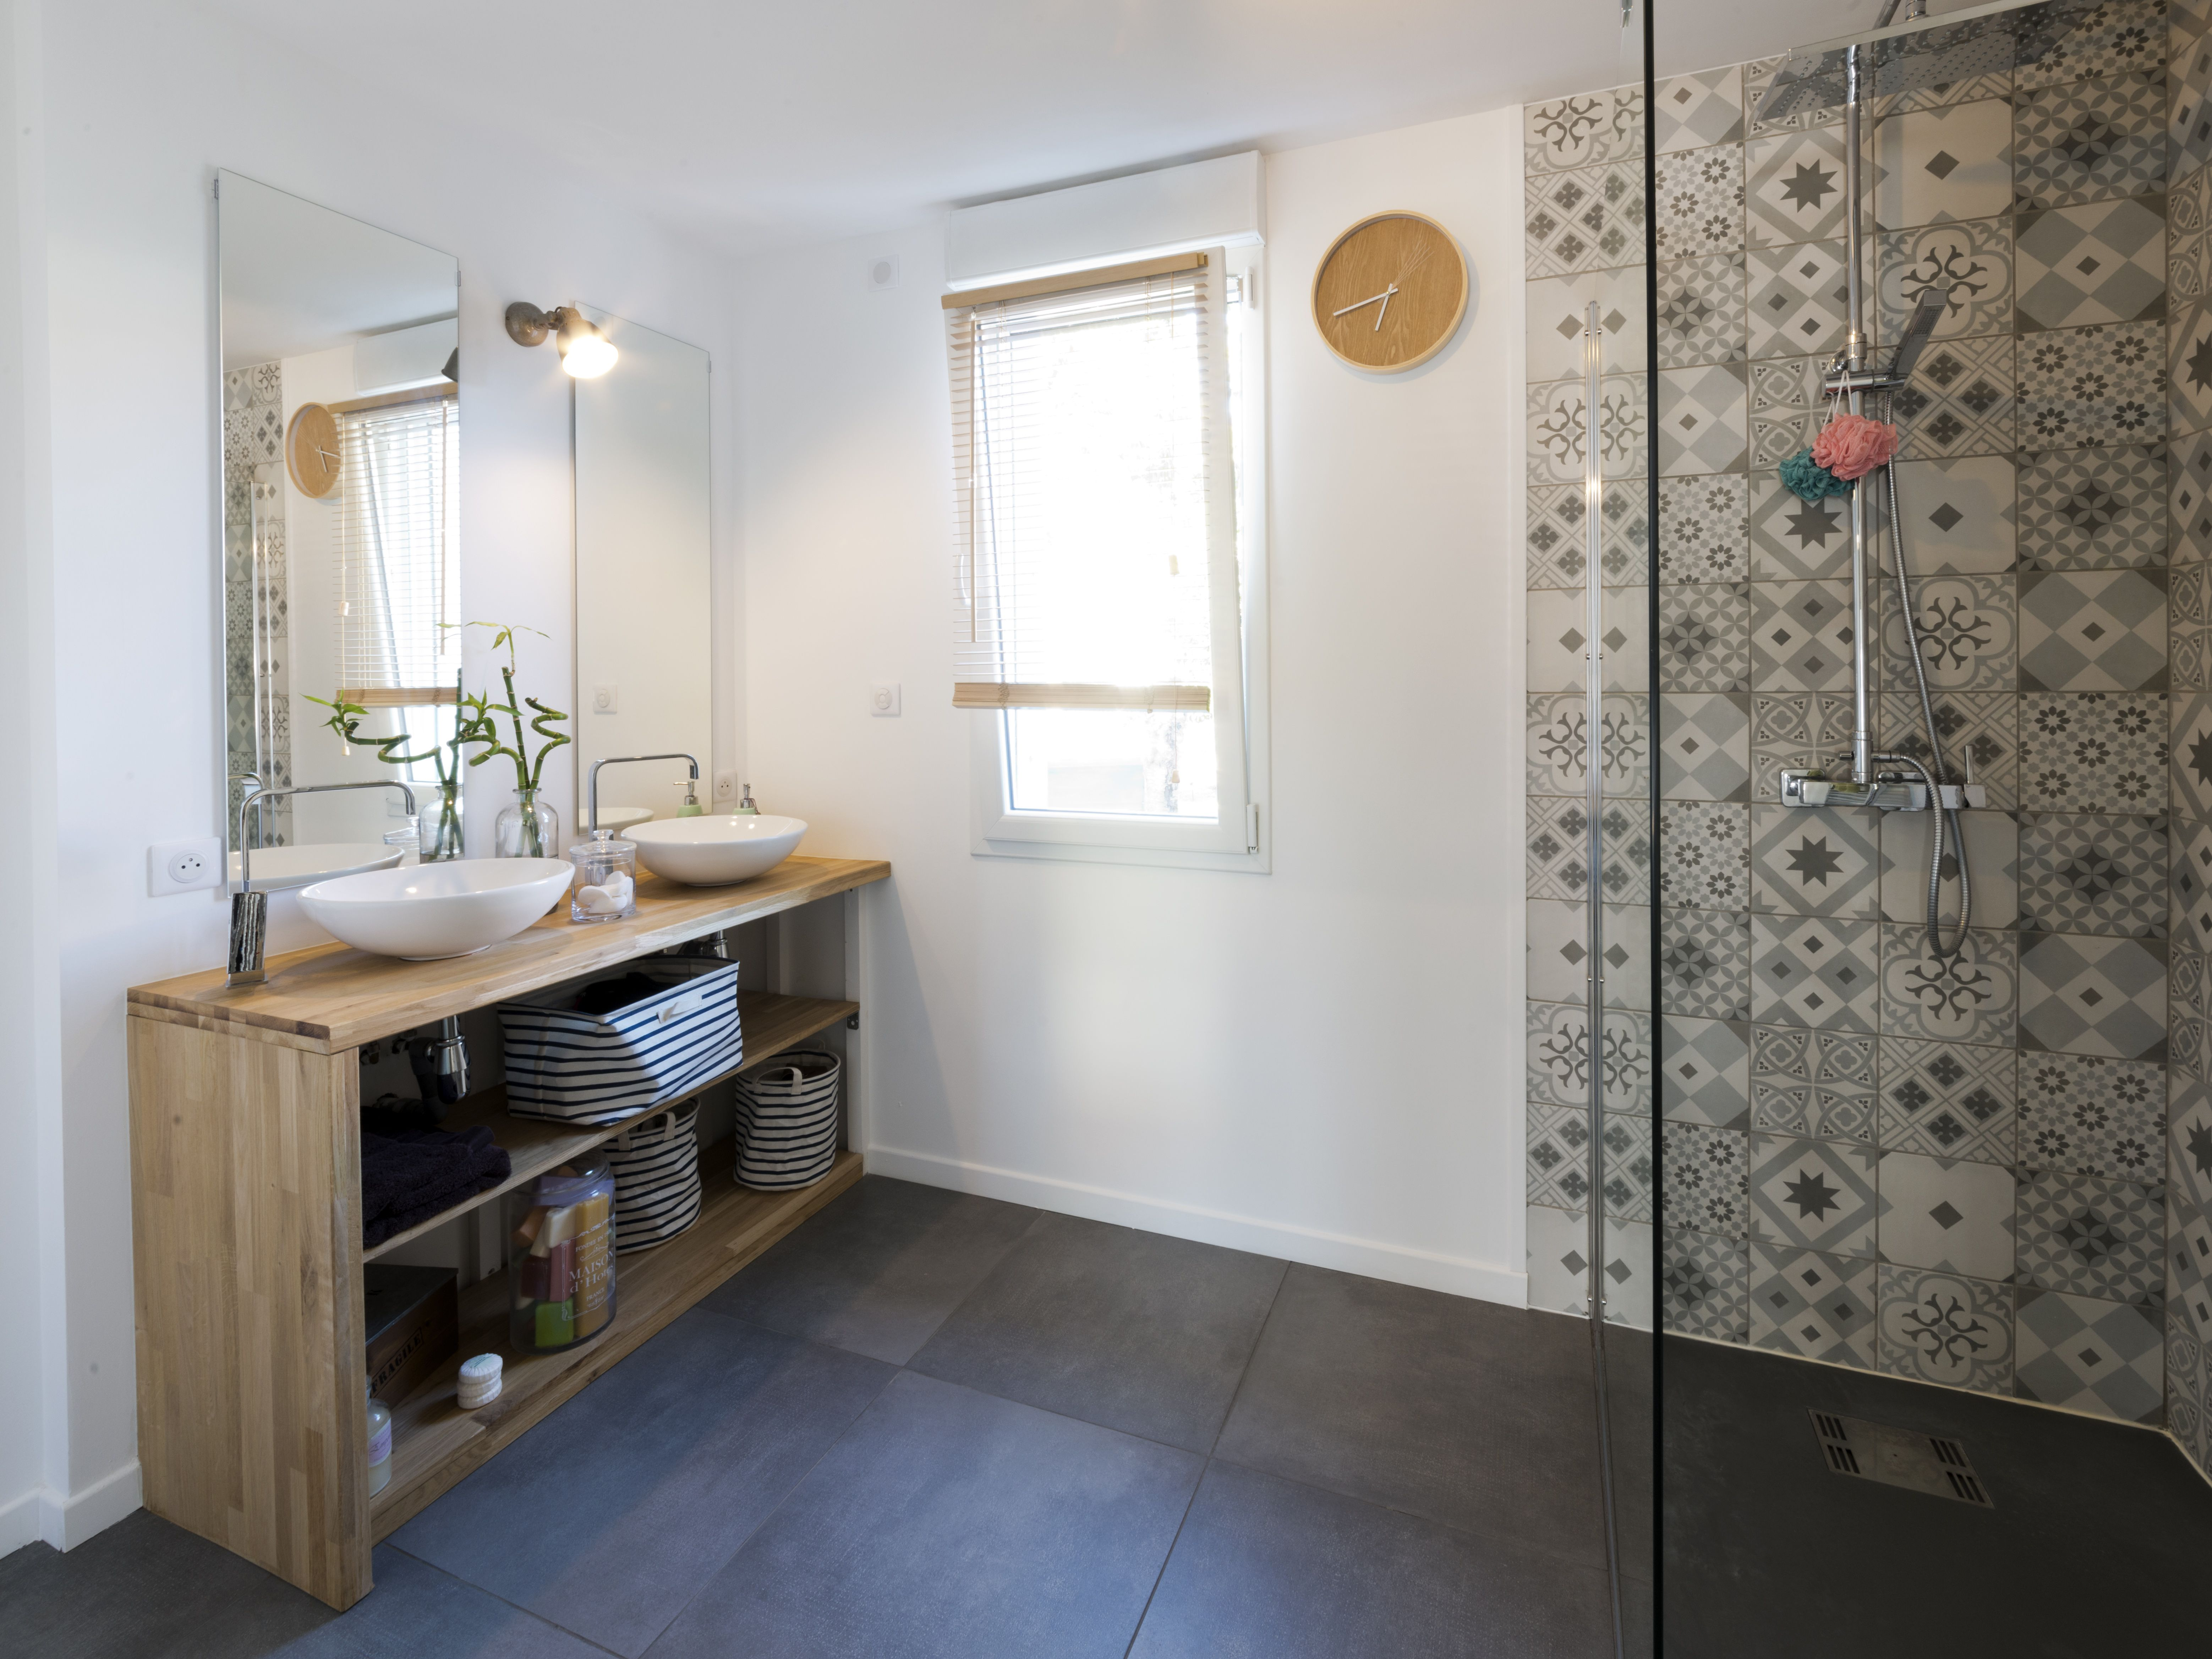 Une salle de bains pour les parents avec une douche l - Salle de douche a l italienne ...